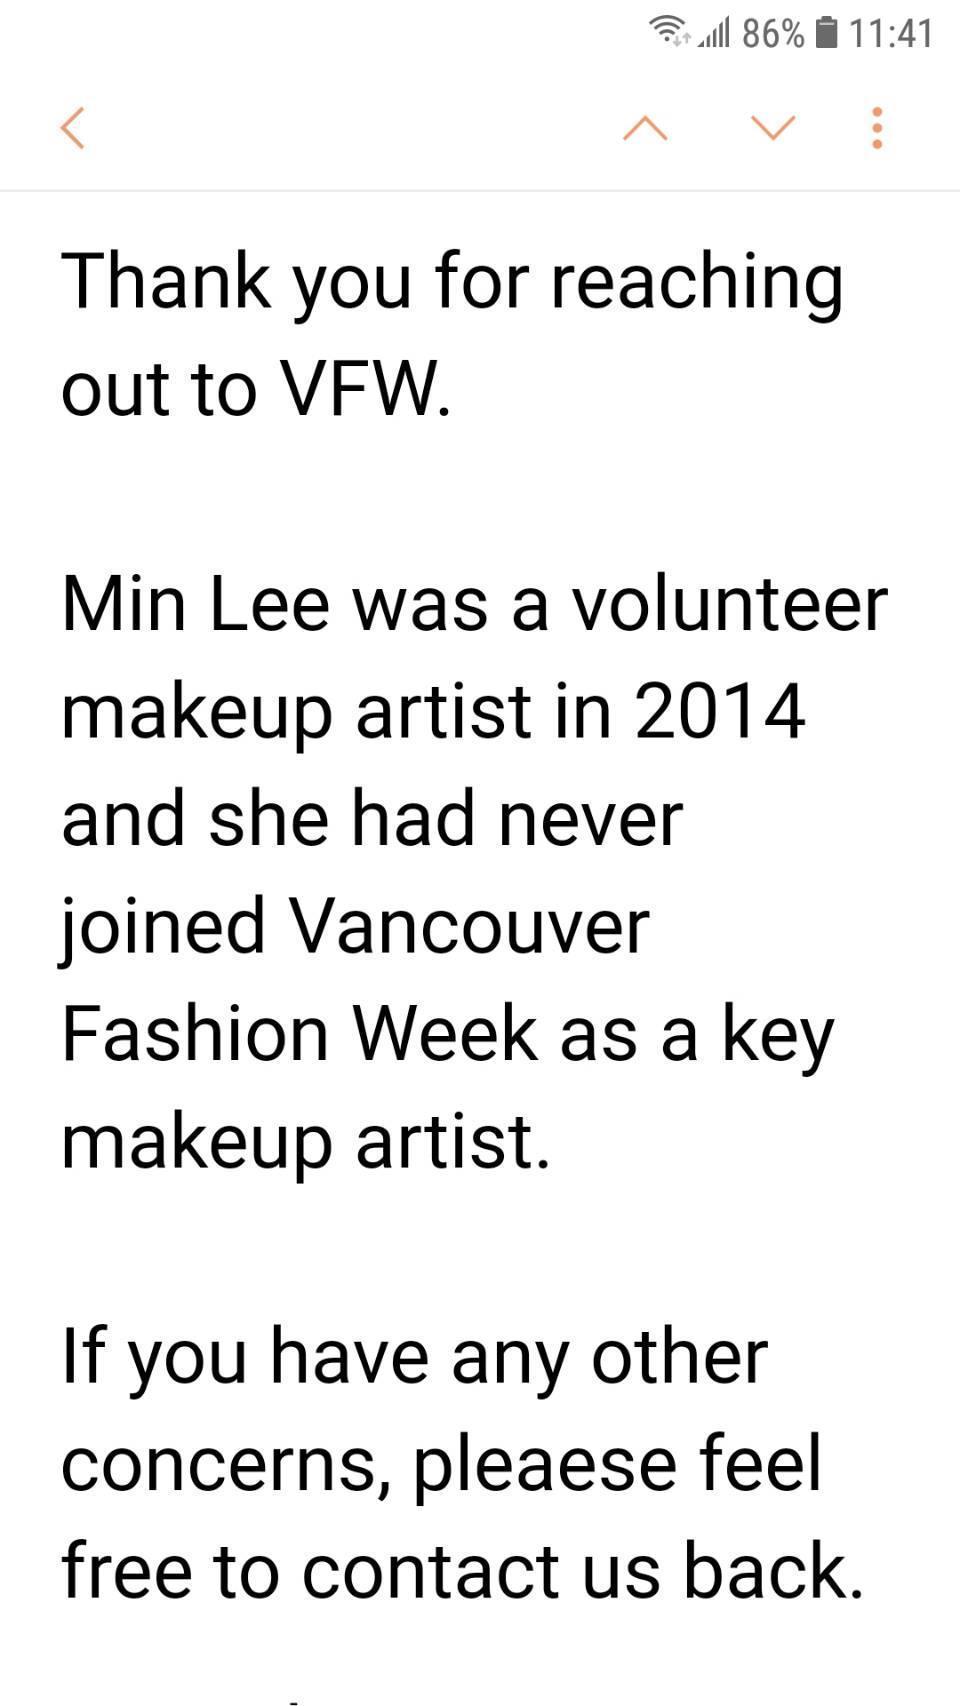 溫哥華時裝週主辦單位回信:「李敏只是2014年的義工,她從未當過溫哥華時裝週首席彩妝師。」